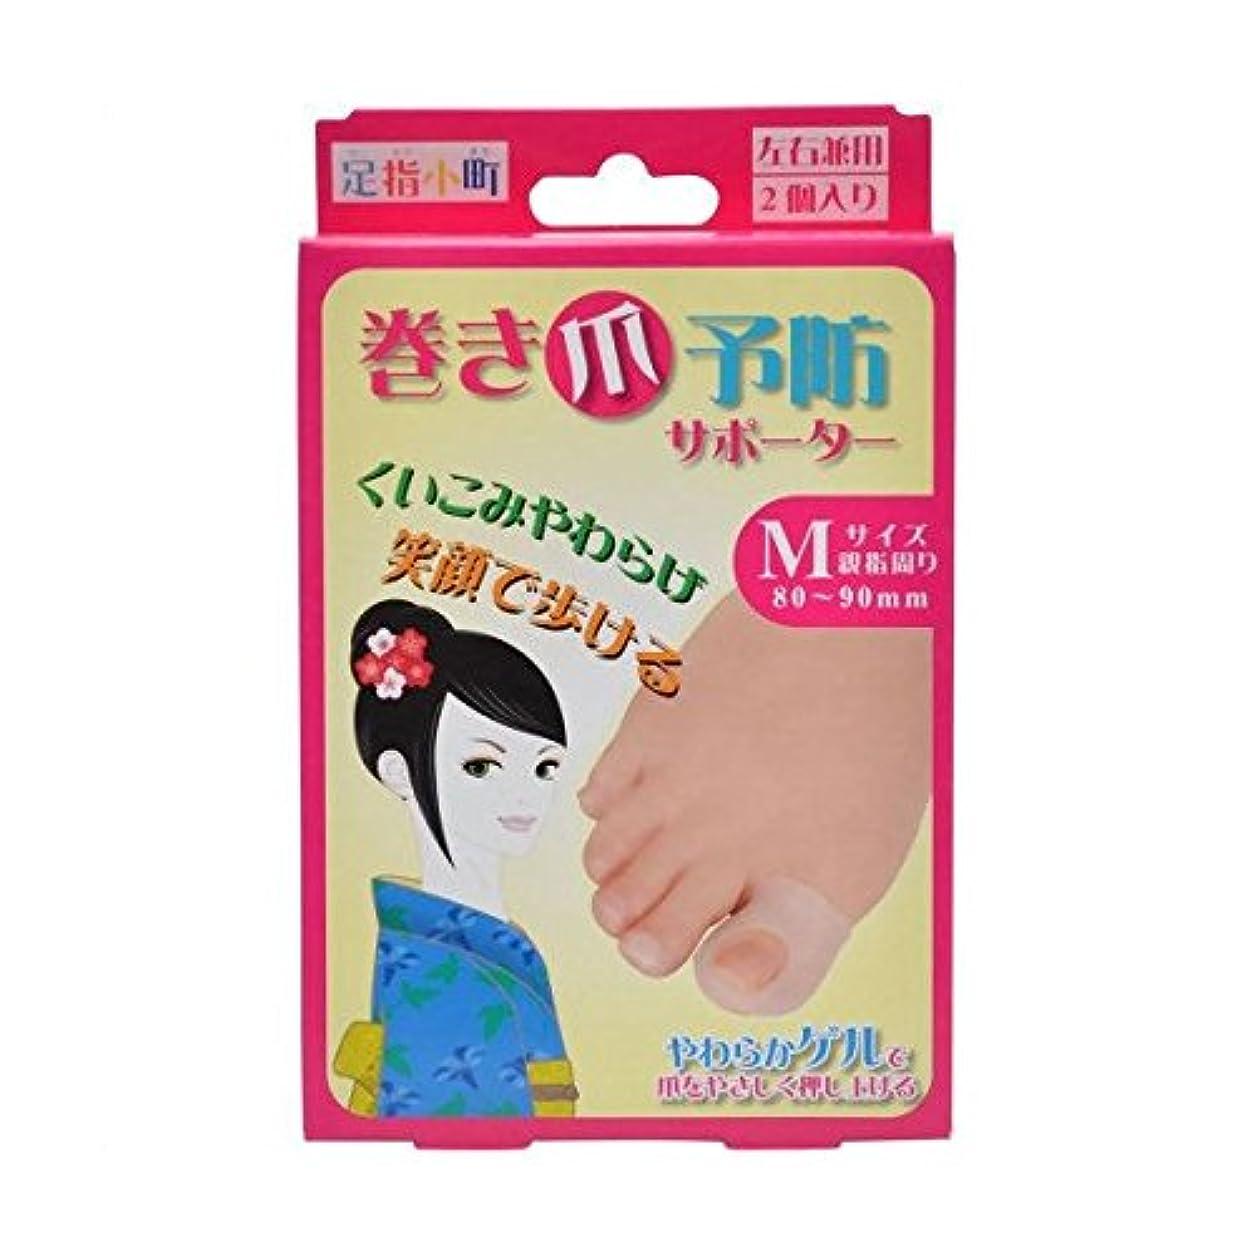 シンポジウムコーンまさに足指小町 巻き爪予防サポーター M 2個入